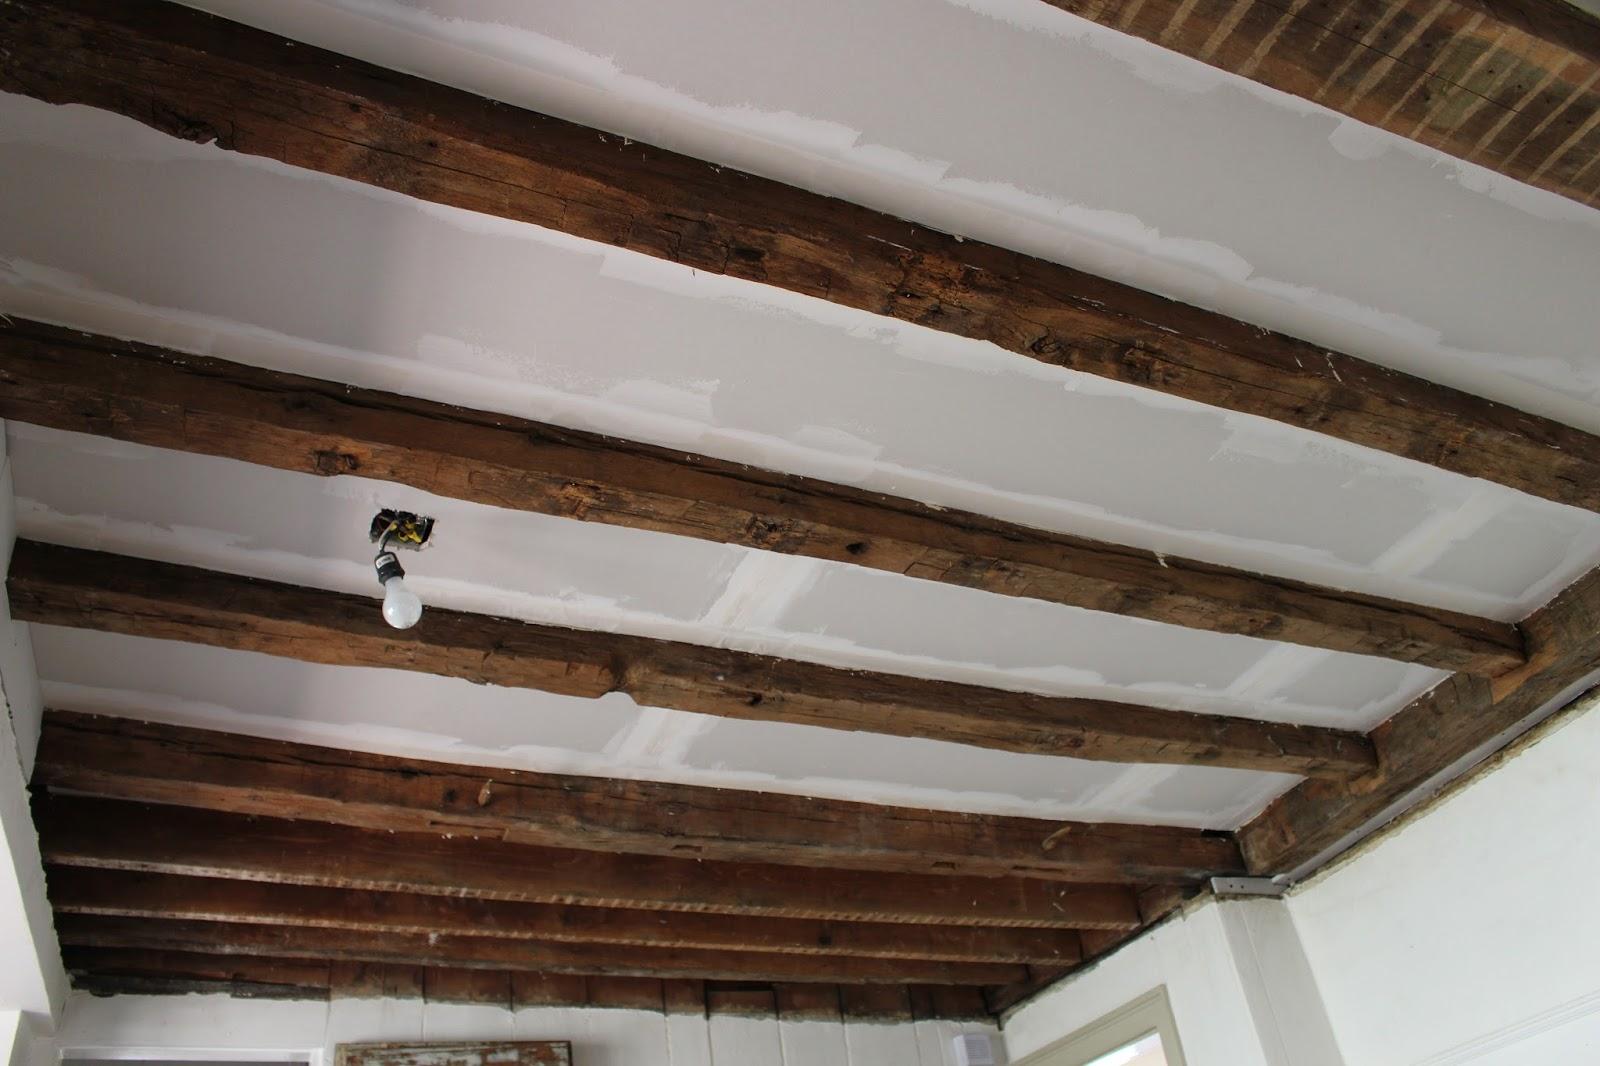 sheetrock between exposed wood beams